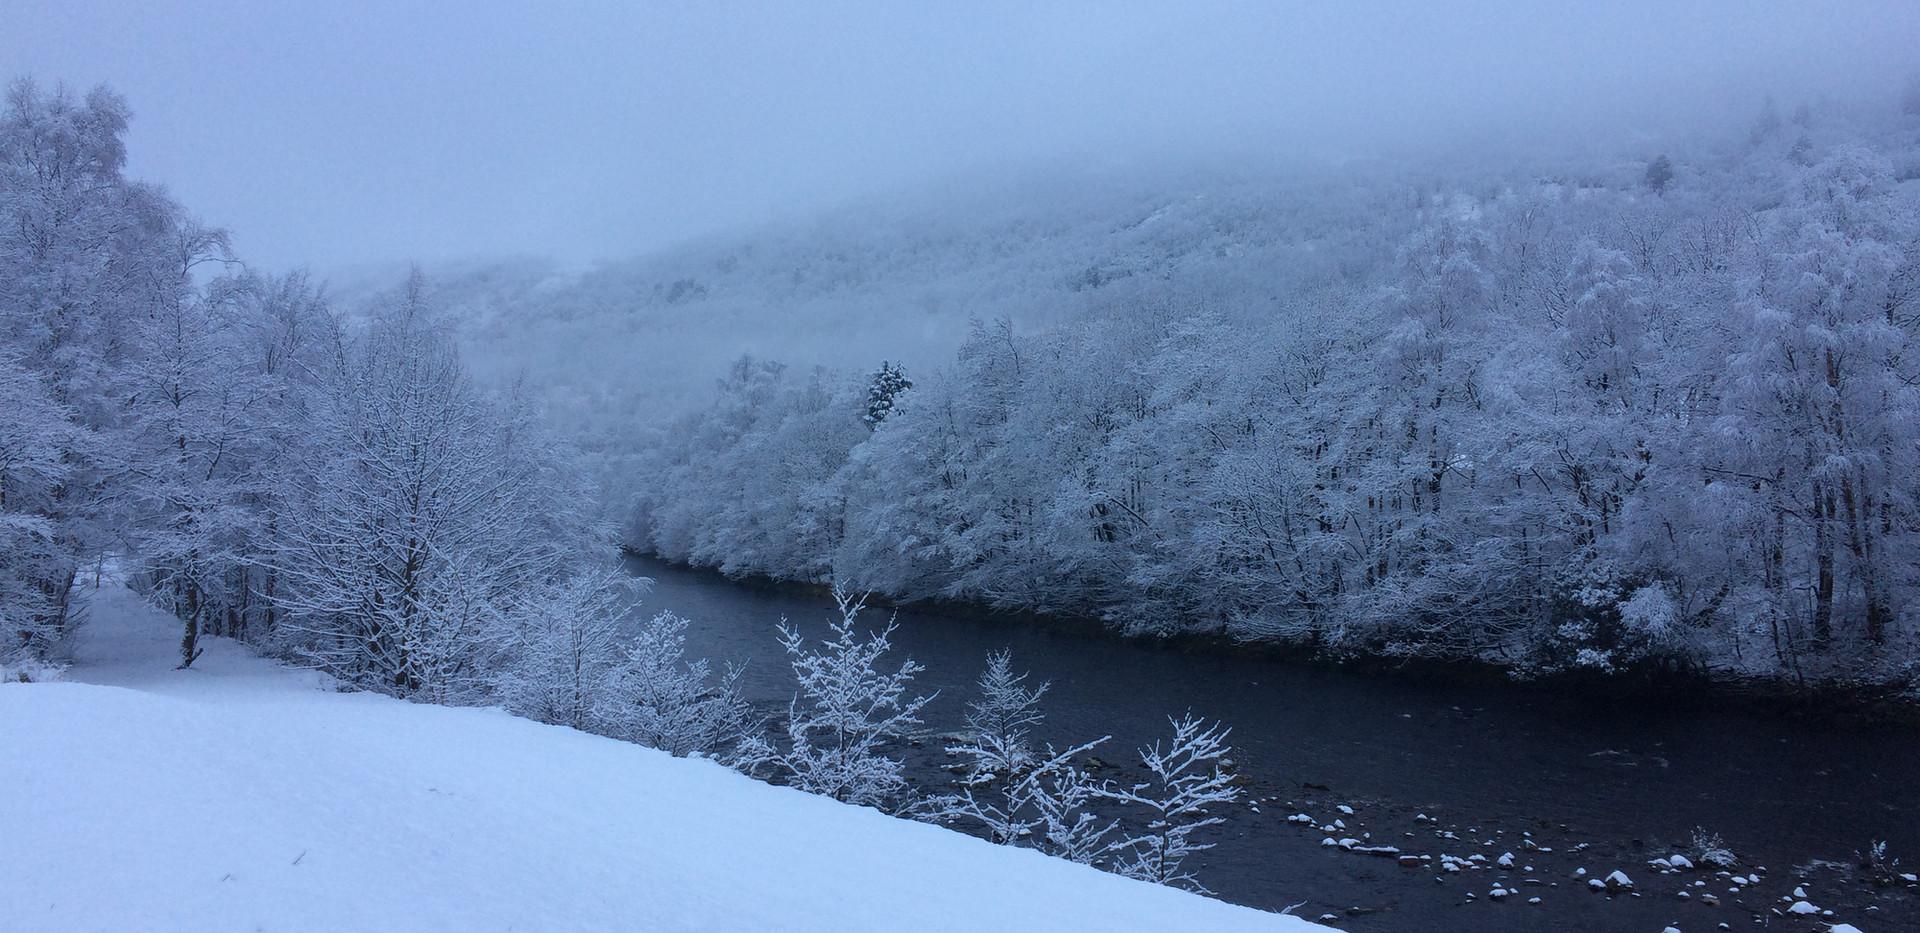 WHWH snowy river Jan 2019.JPG